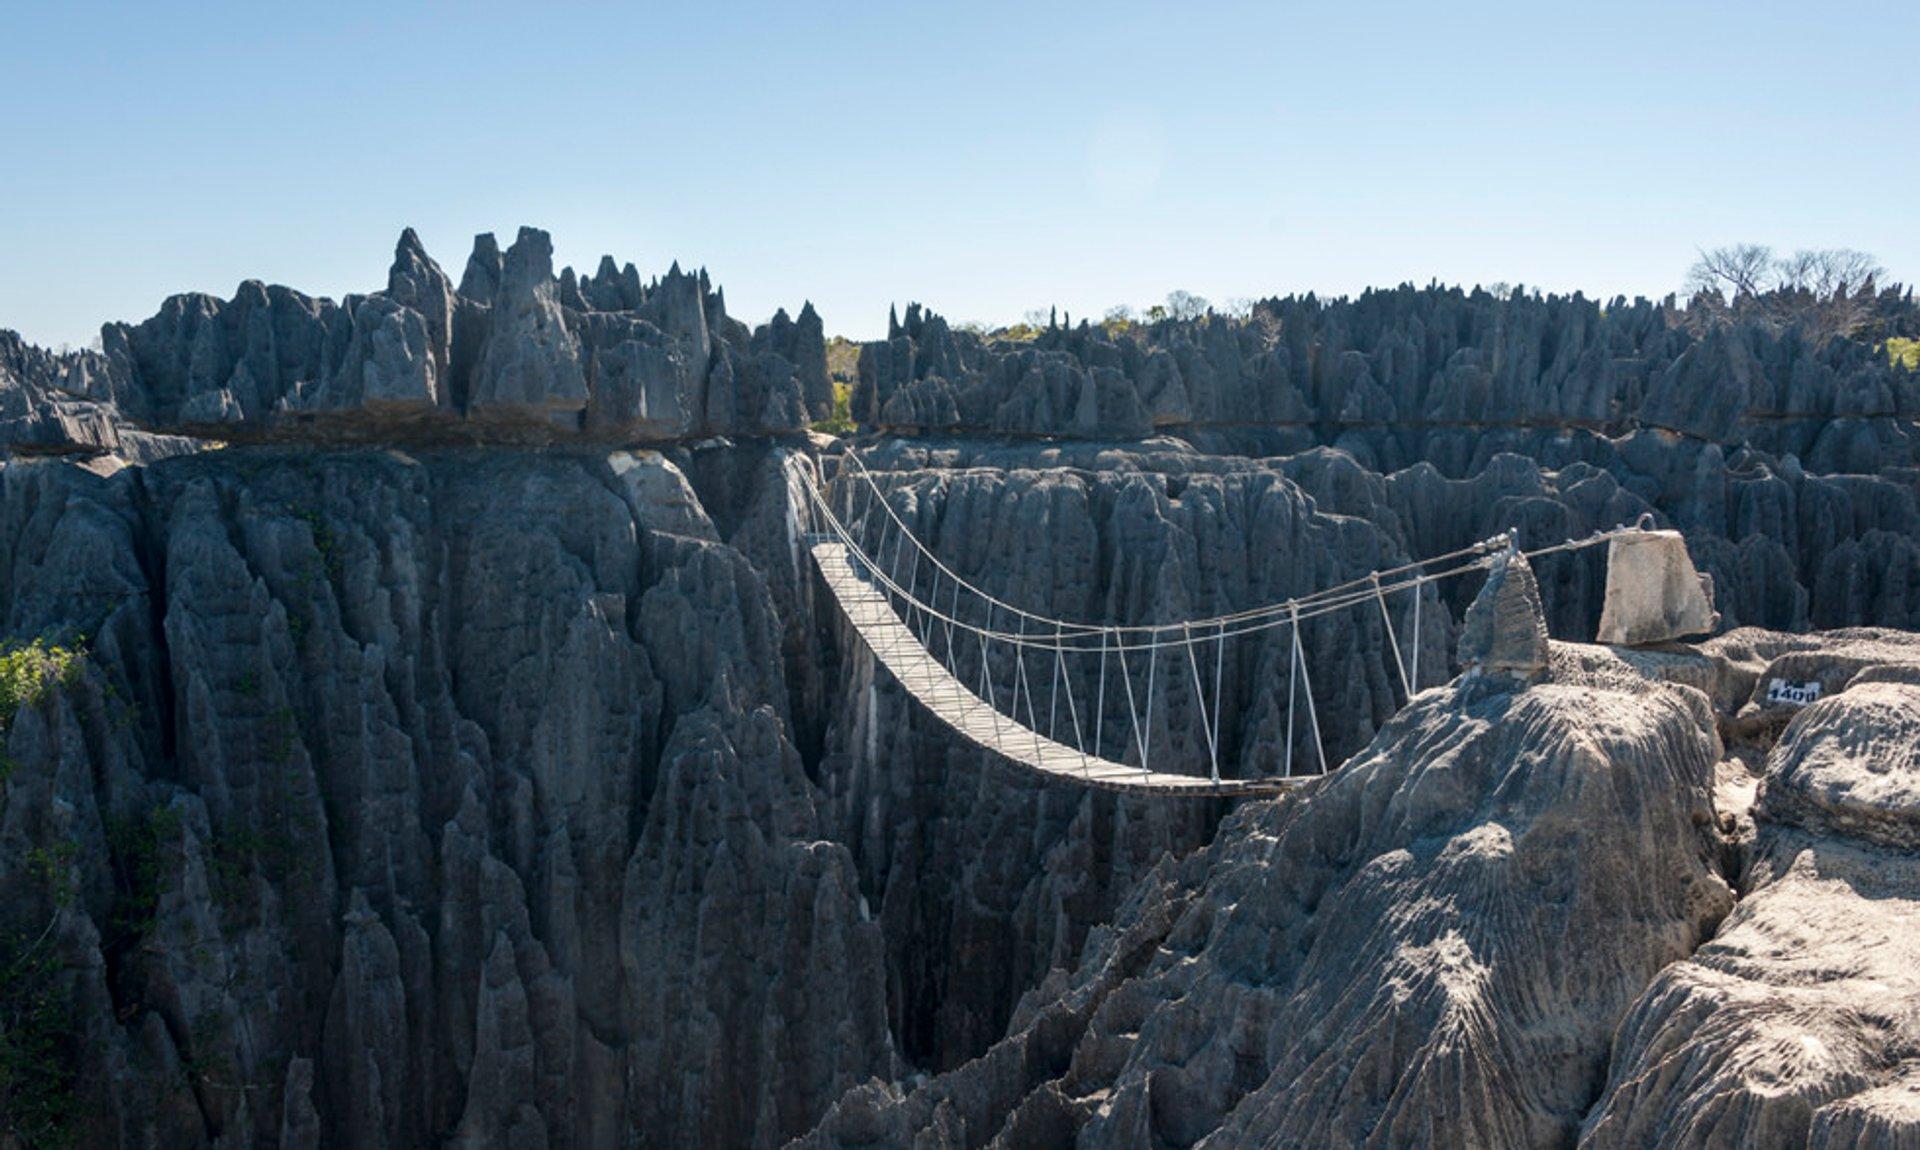 Suspension Bridges in Madagascar 2020 - Best Time